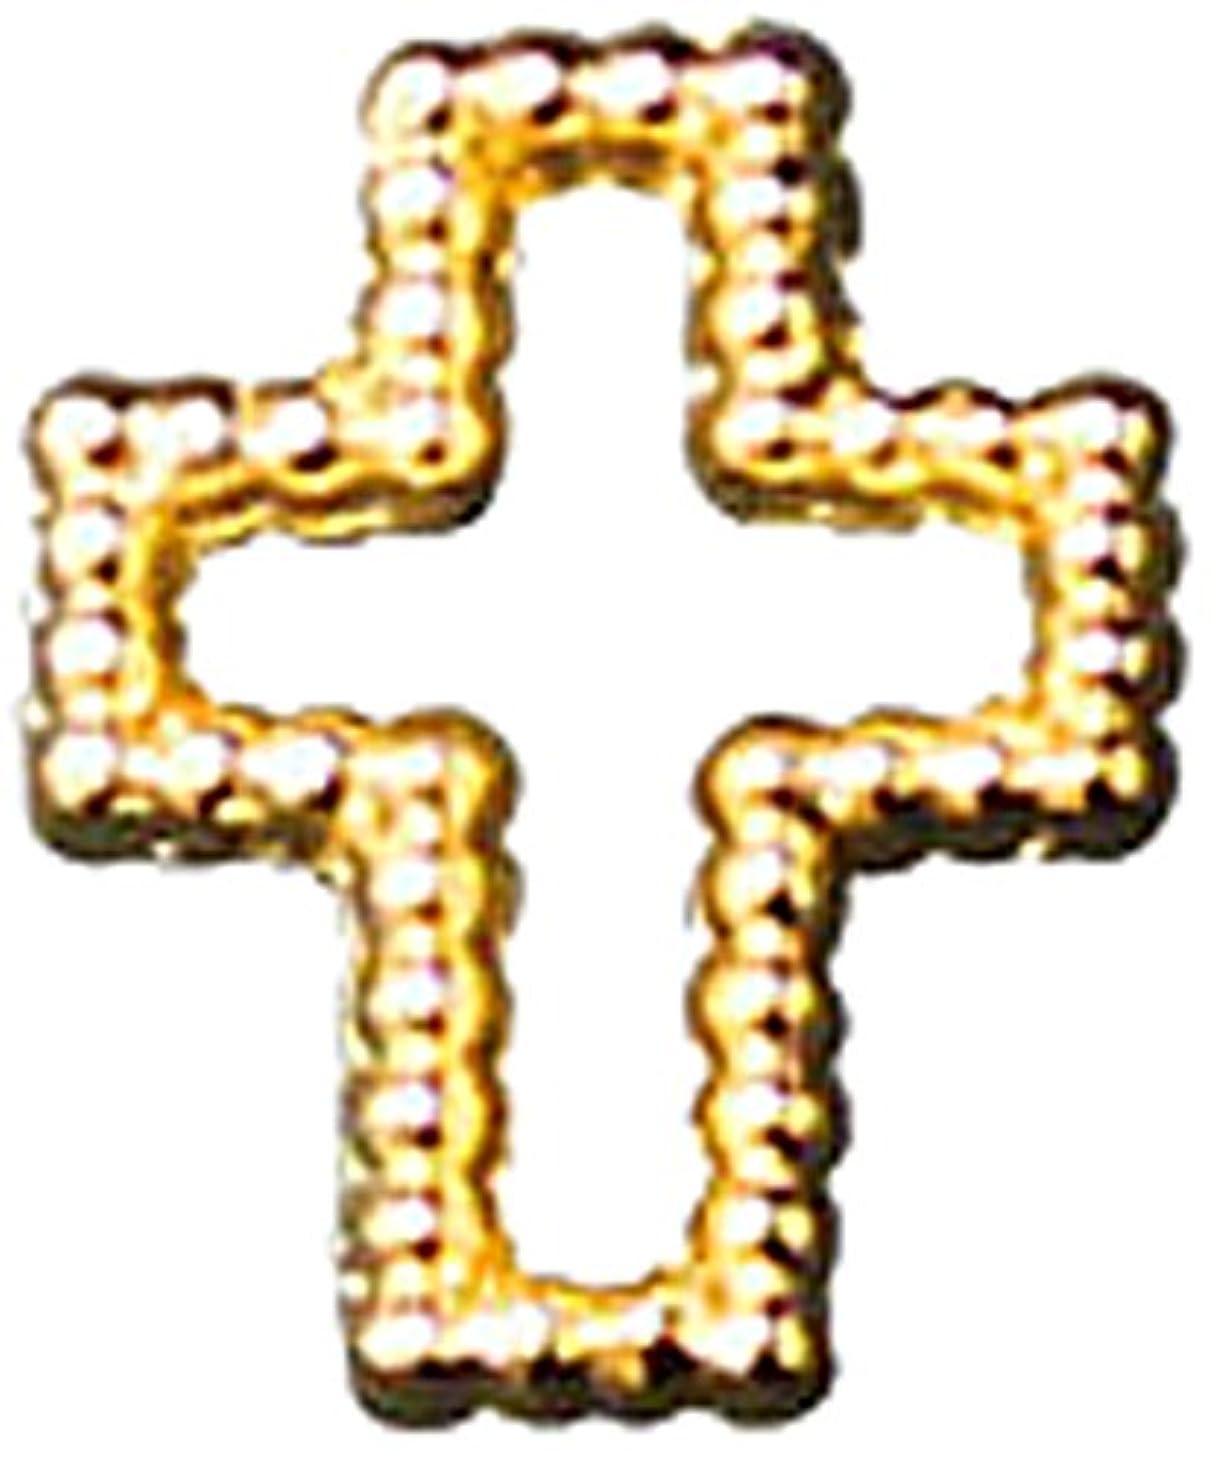 アベニュータウポ湖見捨てるプリティーネイル ネイルアートパーツ ブリオンクロス2 S ゴールド 15個